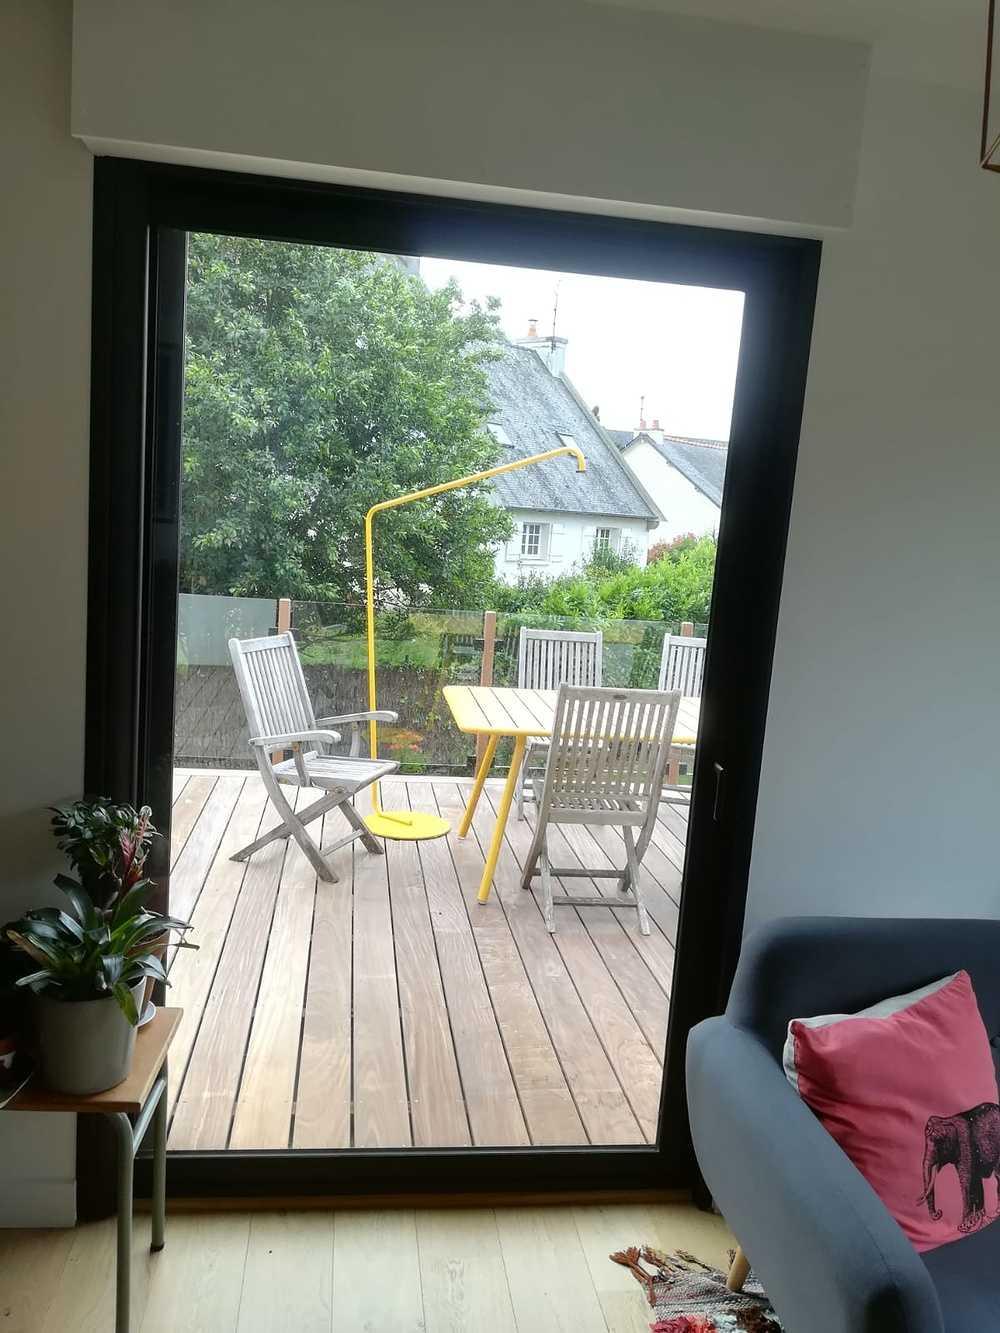 Rénovation fenêtres et baise vitrées alu 2